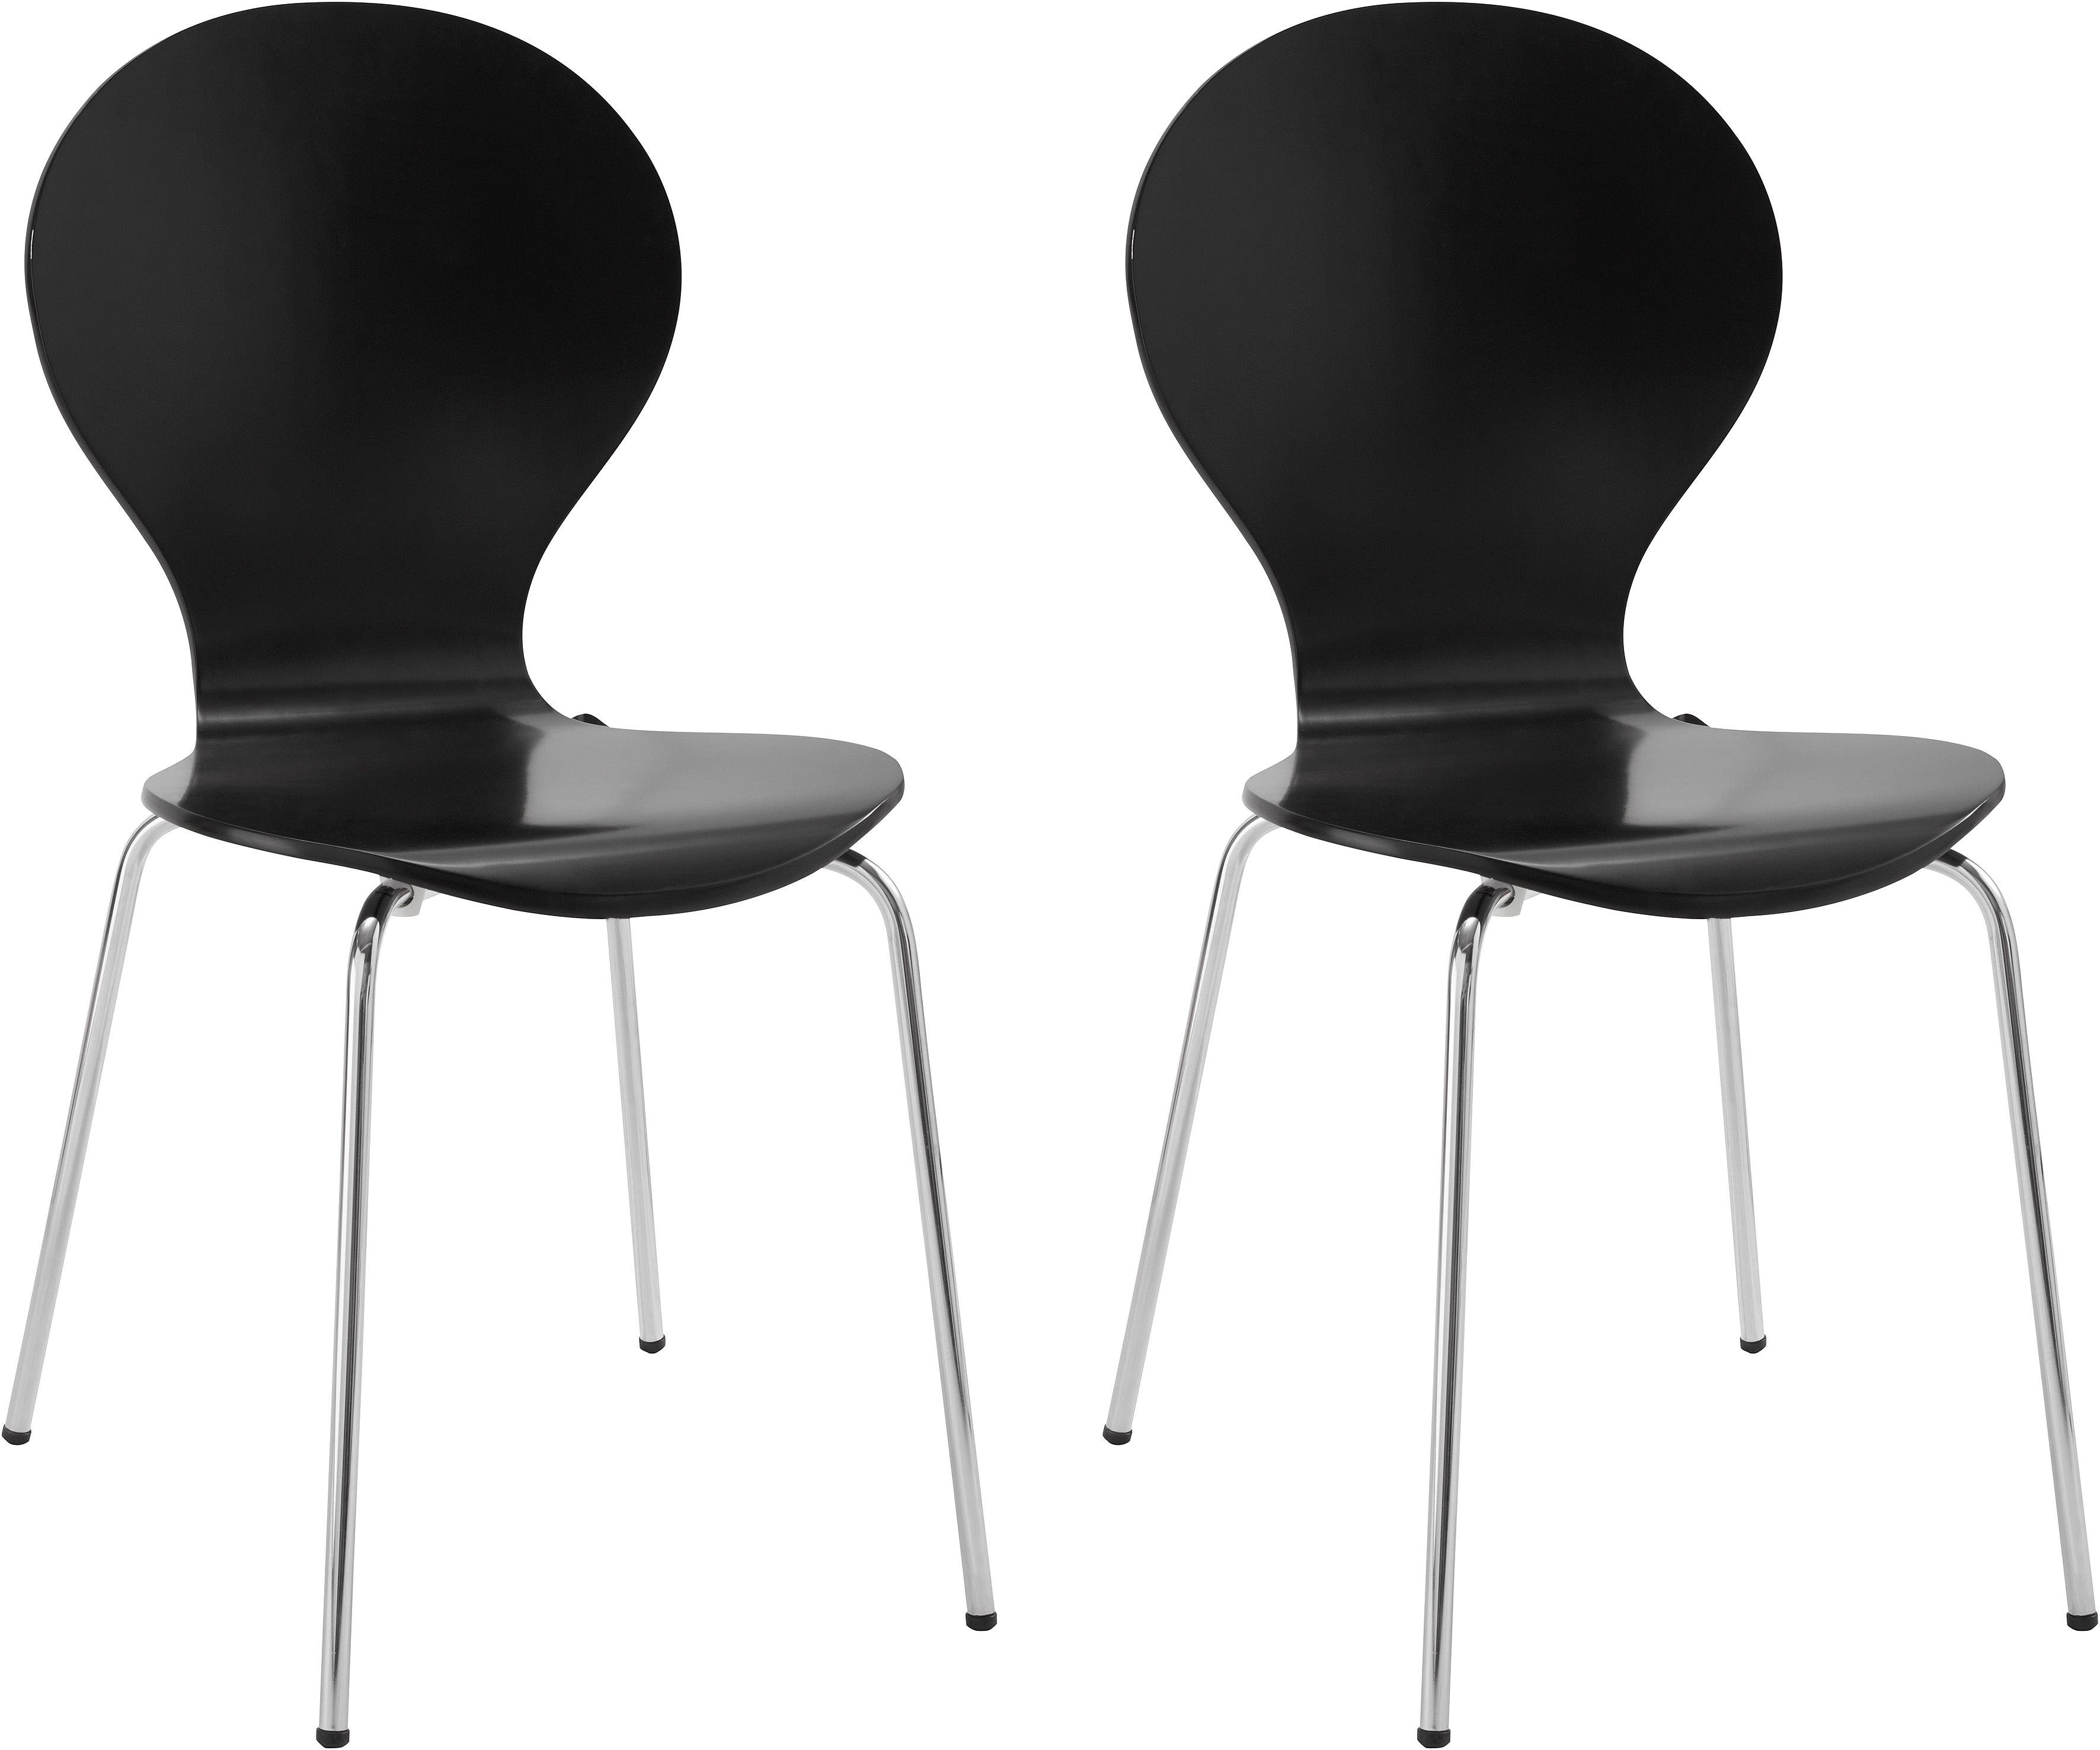 My Home stoel »Modena« in set van 2 of 4, met metalen frame, in diverse kleuren, zithoogte 47 cm bestellen: 14 dagen bedenktijd